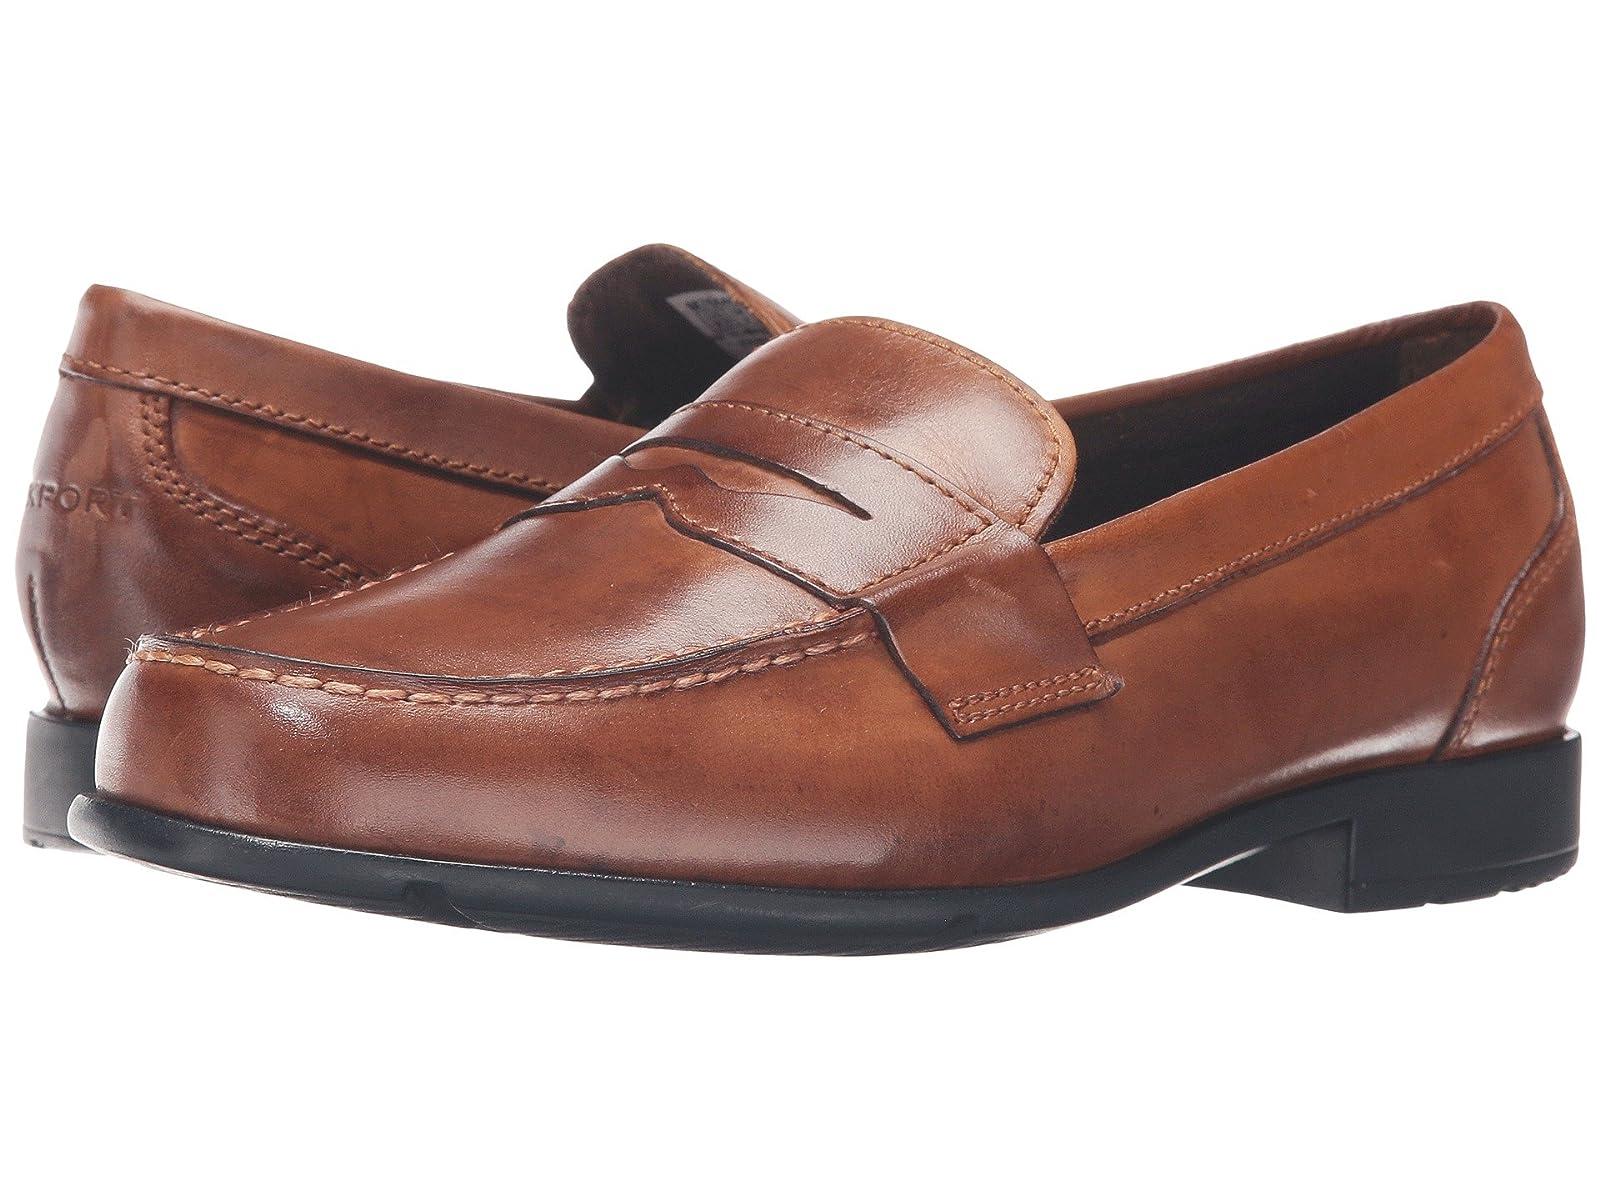 Rockport Classic Loafer Lite PennyAtmospheric grades have affordable shoes